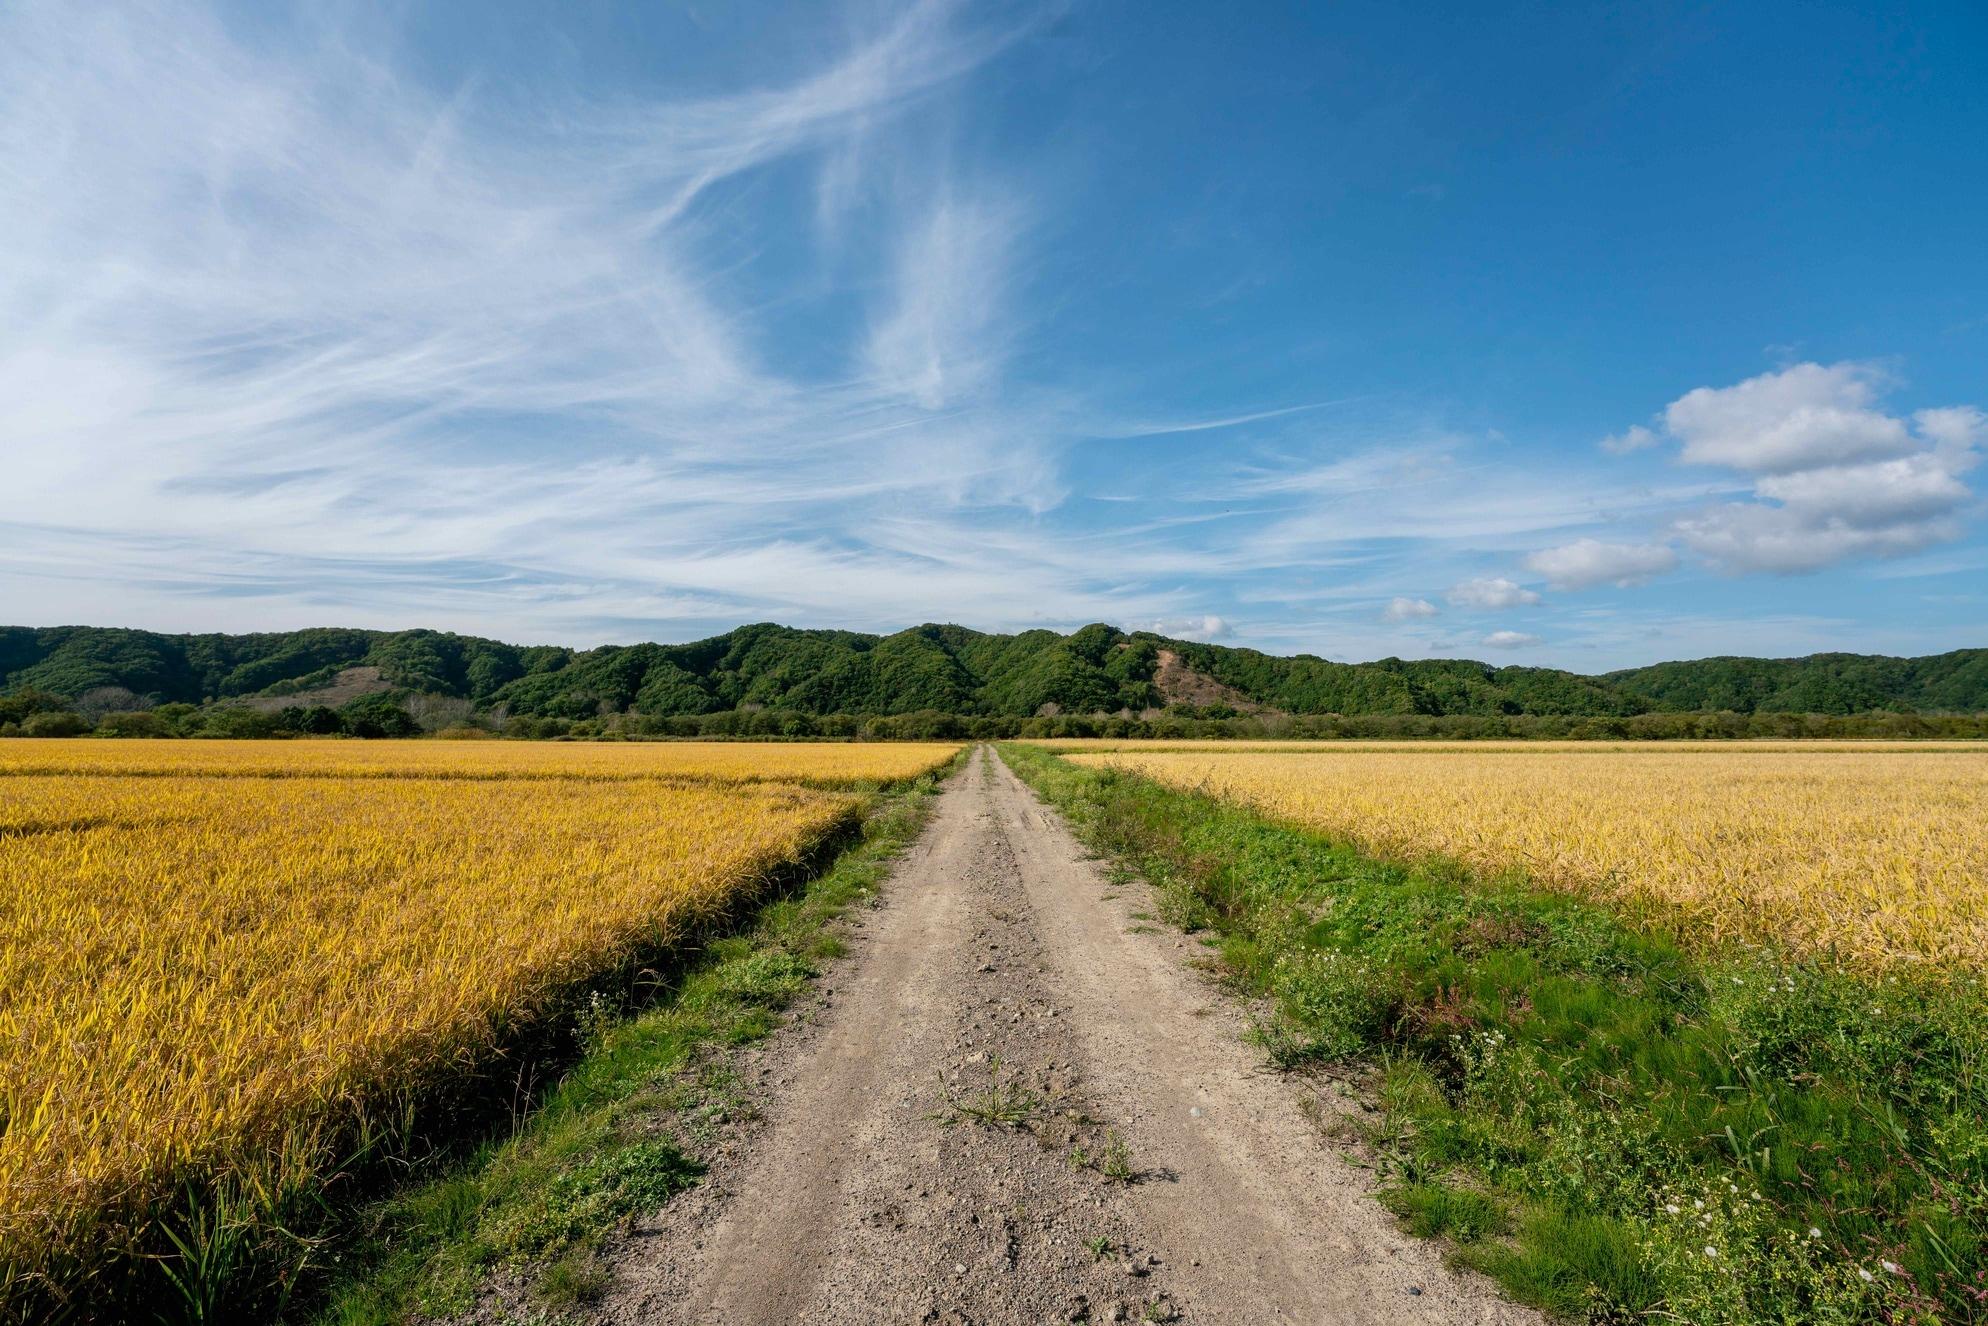 北海道むかわ町にある小坂農園の田んぼ,黄金色の稲穂が広がる風景